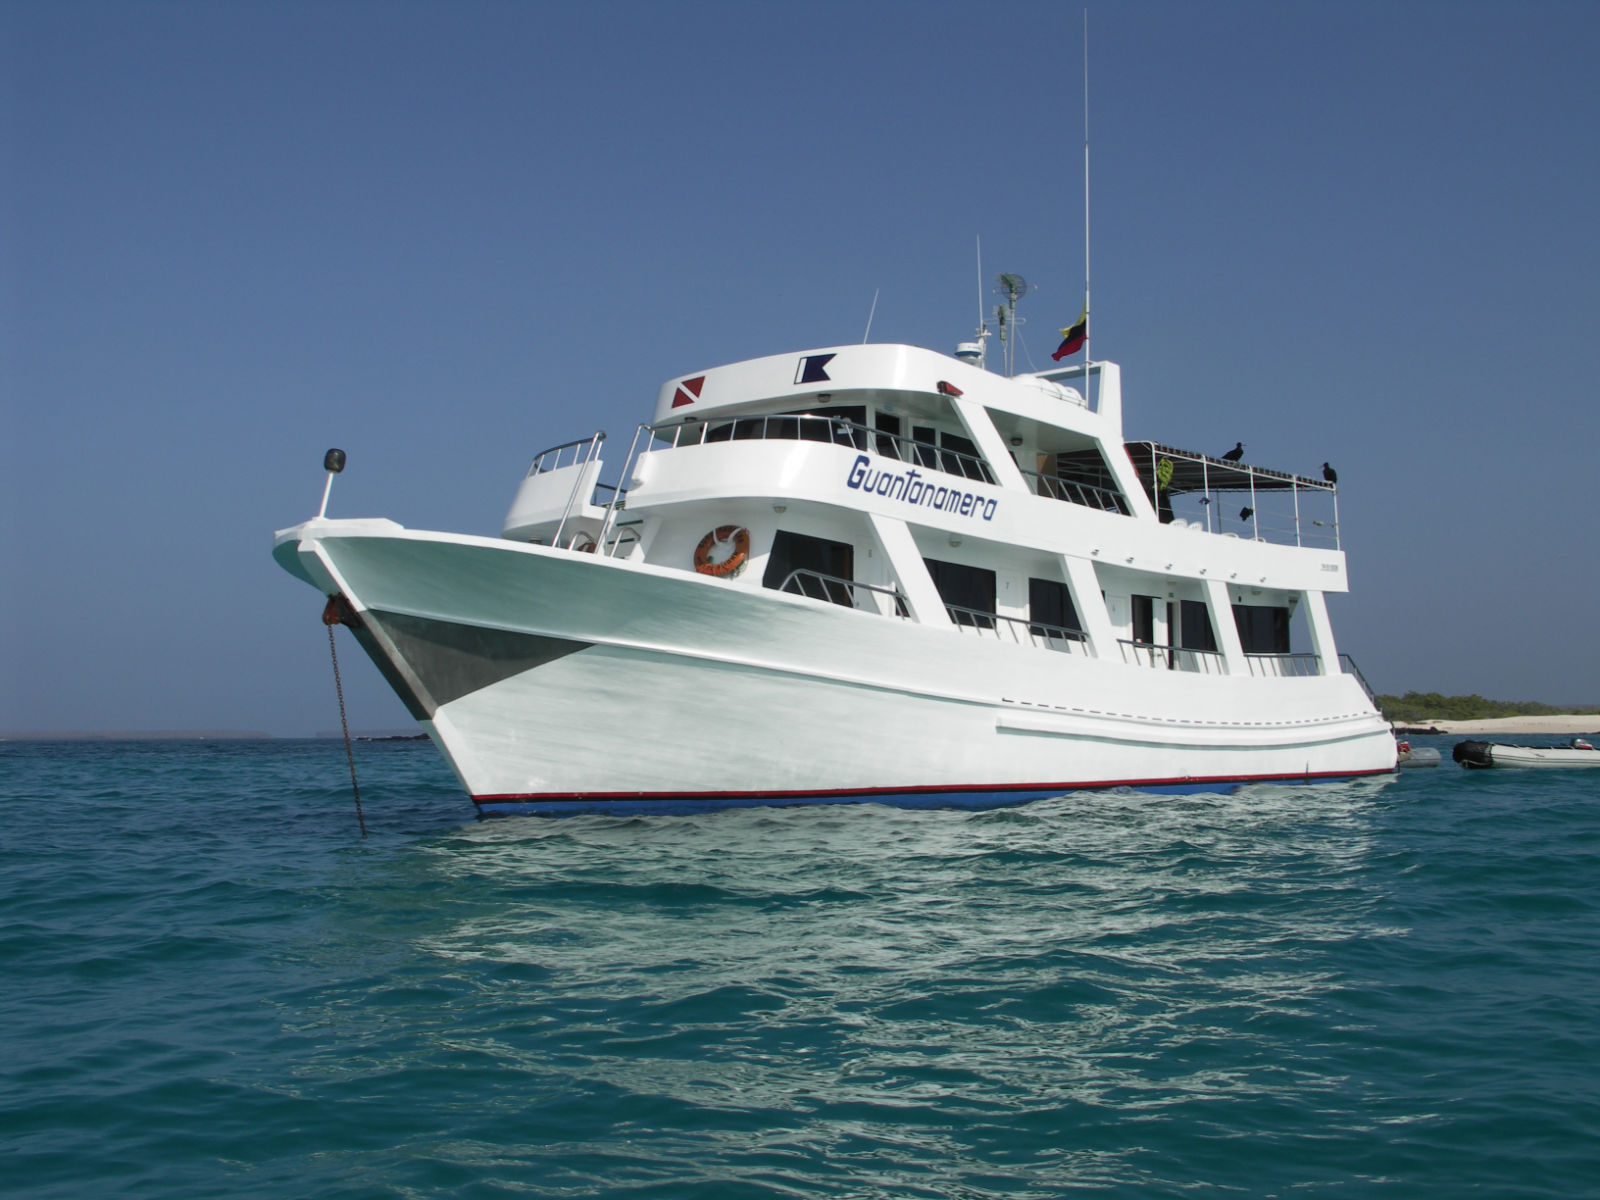 Guantanamera Yacht